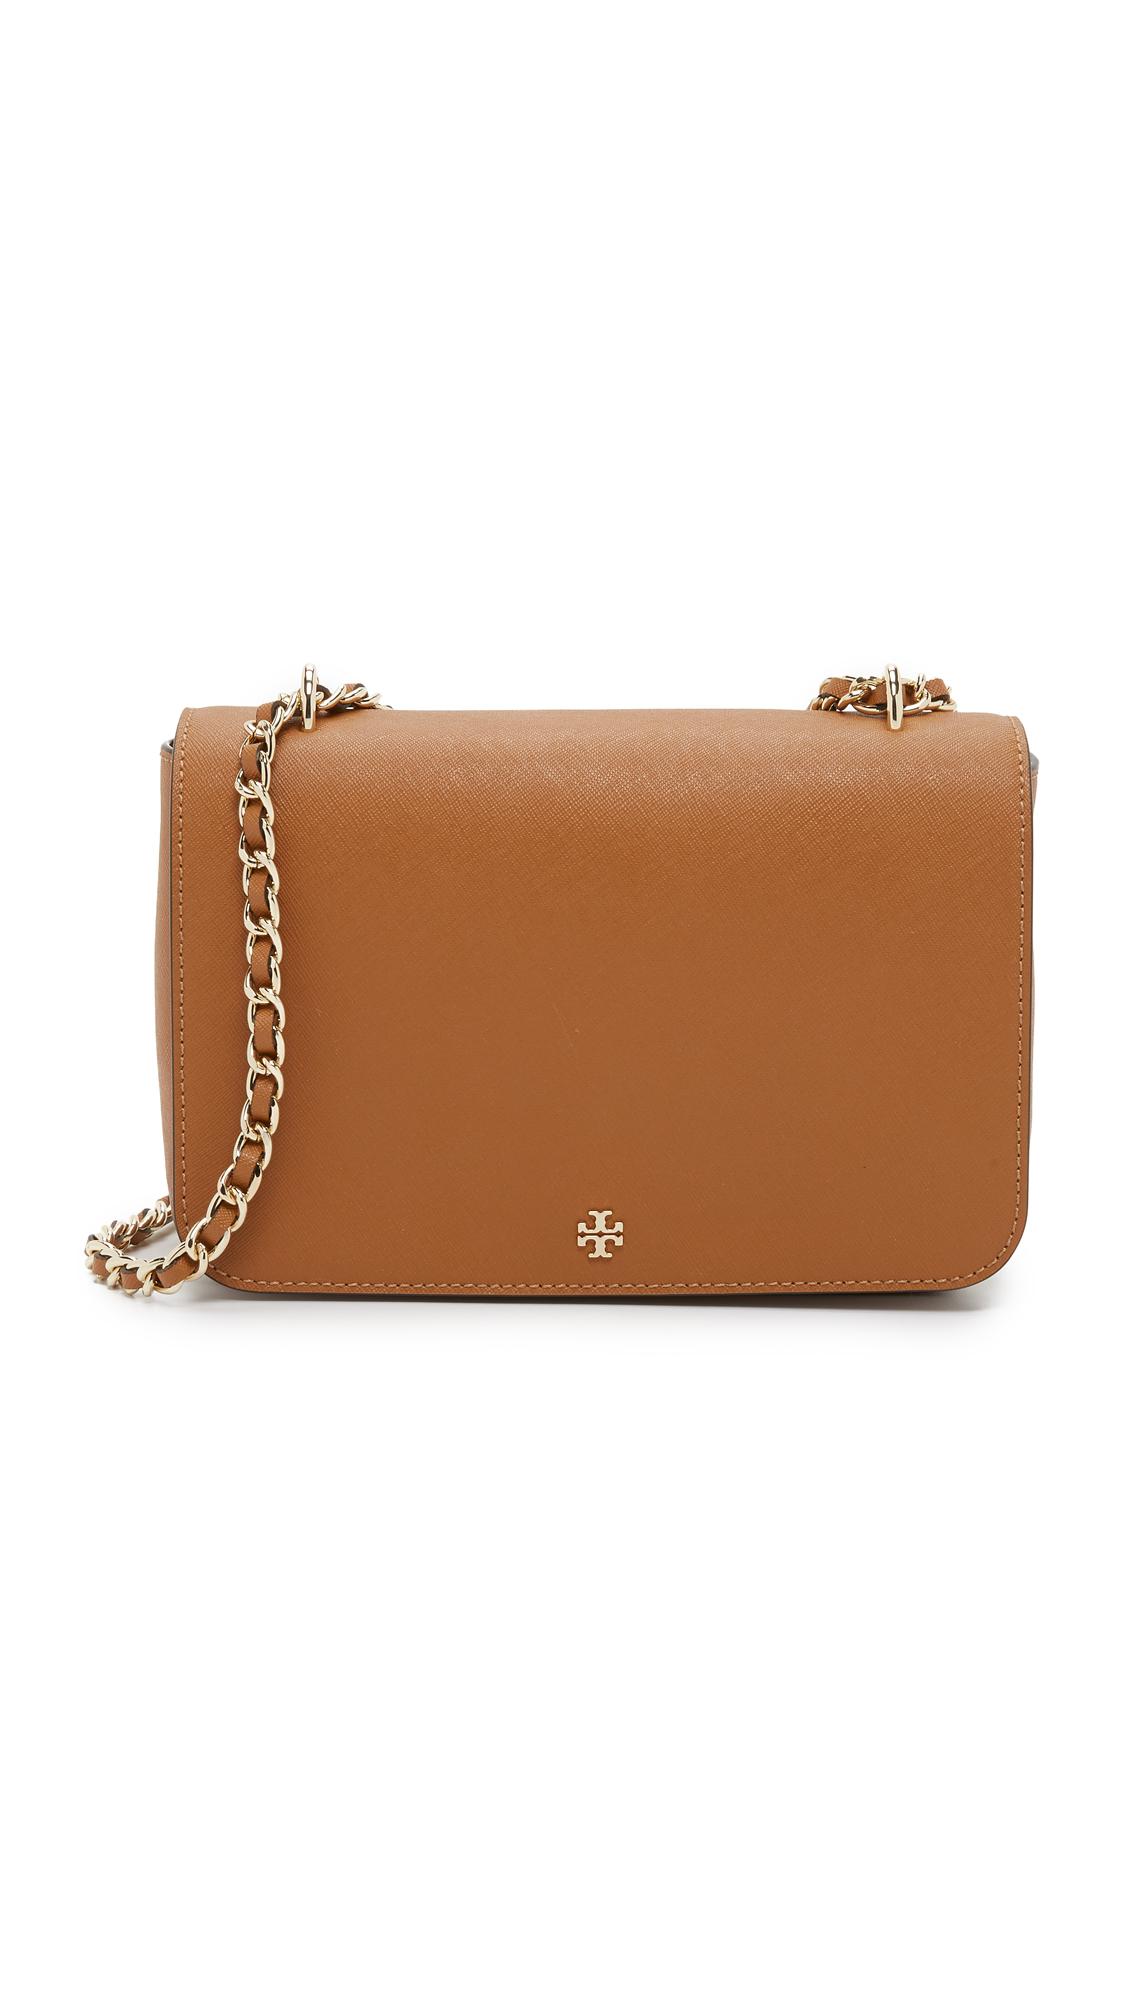 2be71534bd06 Tory Burch Robinson Adjustable Shoulder Bag